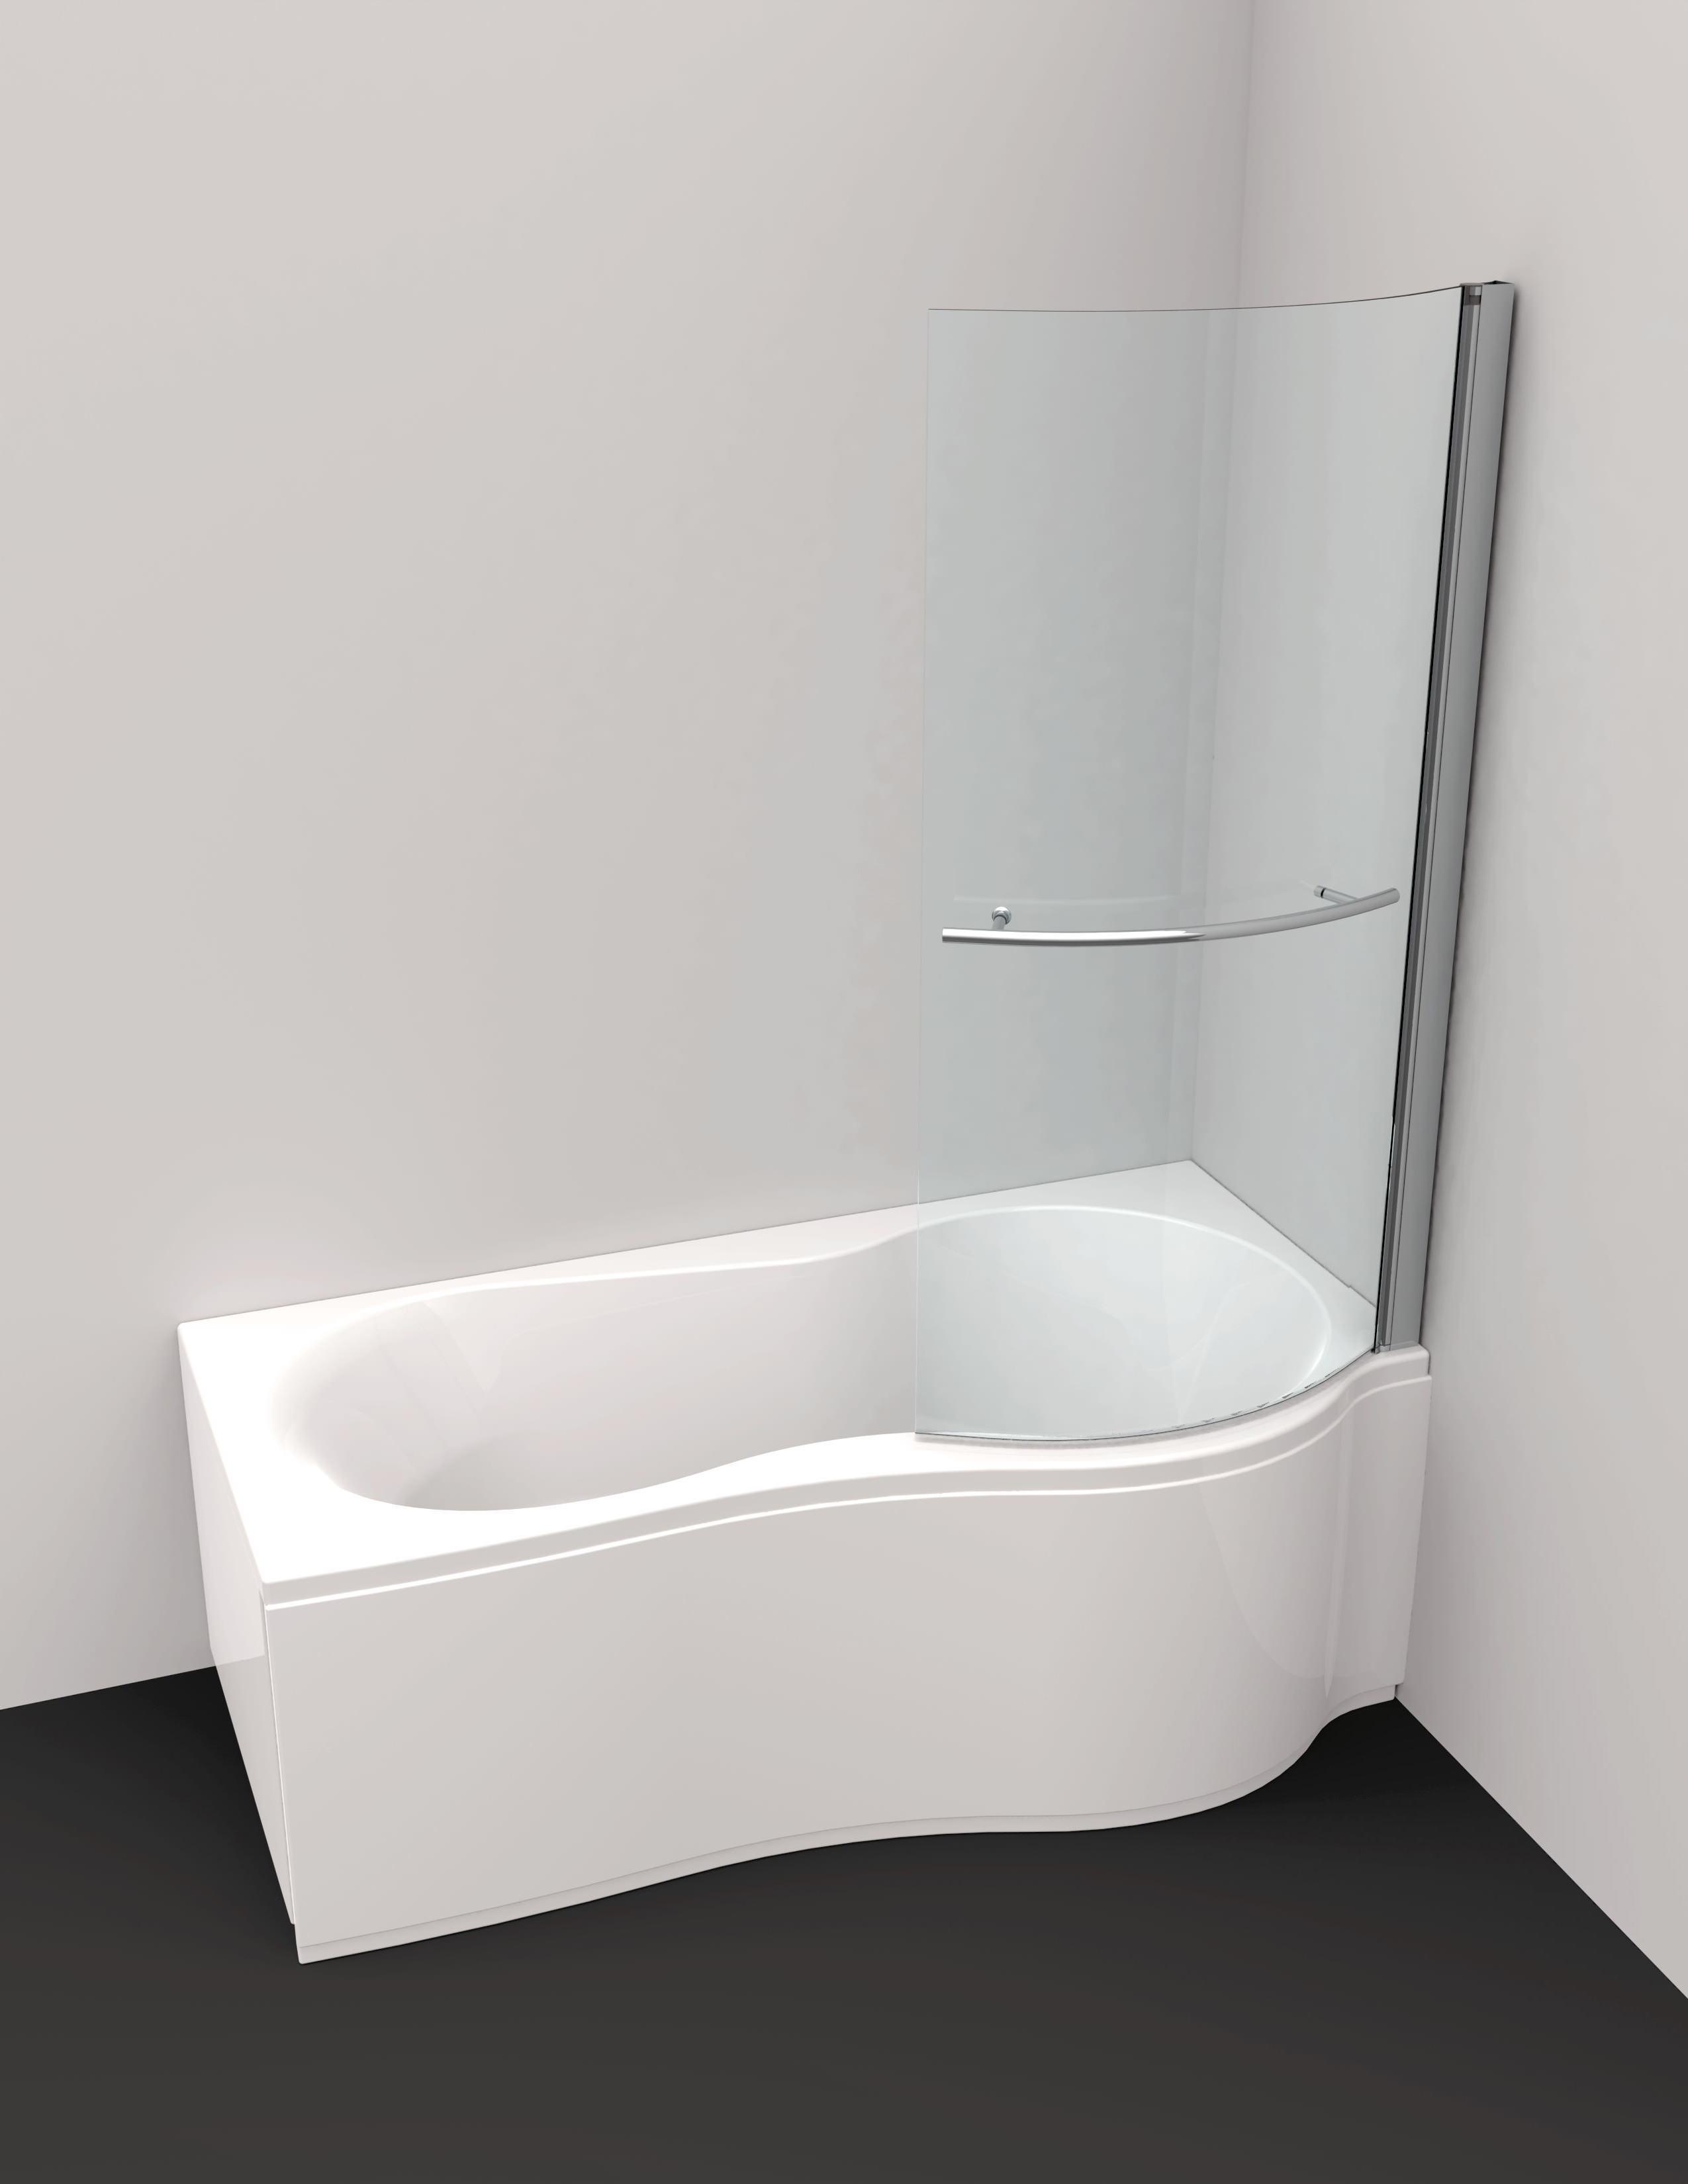 Badewanne mit duschzone 180  Chr. Schröder Flora Badewannenduschabtrennung rechts - 6100168